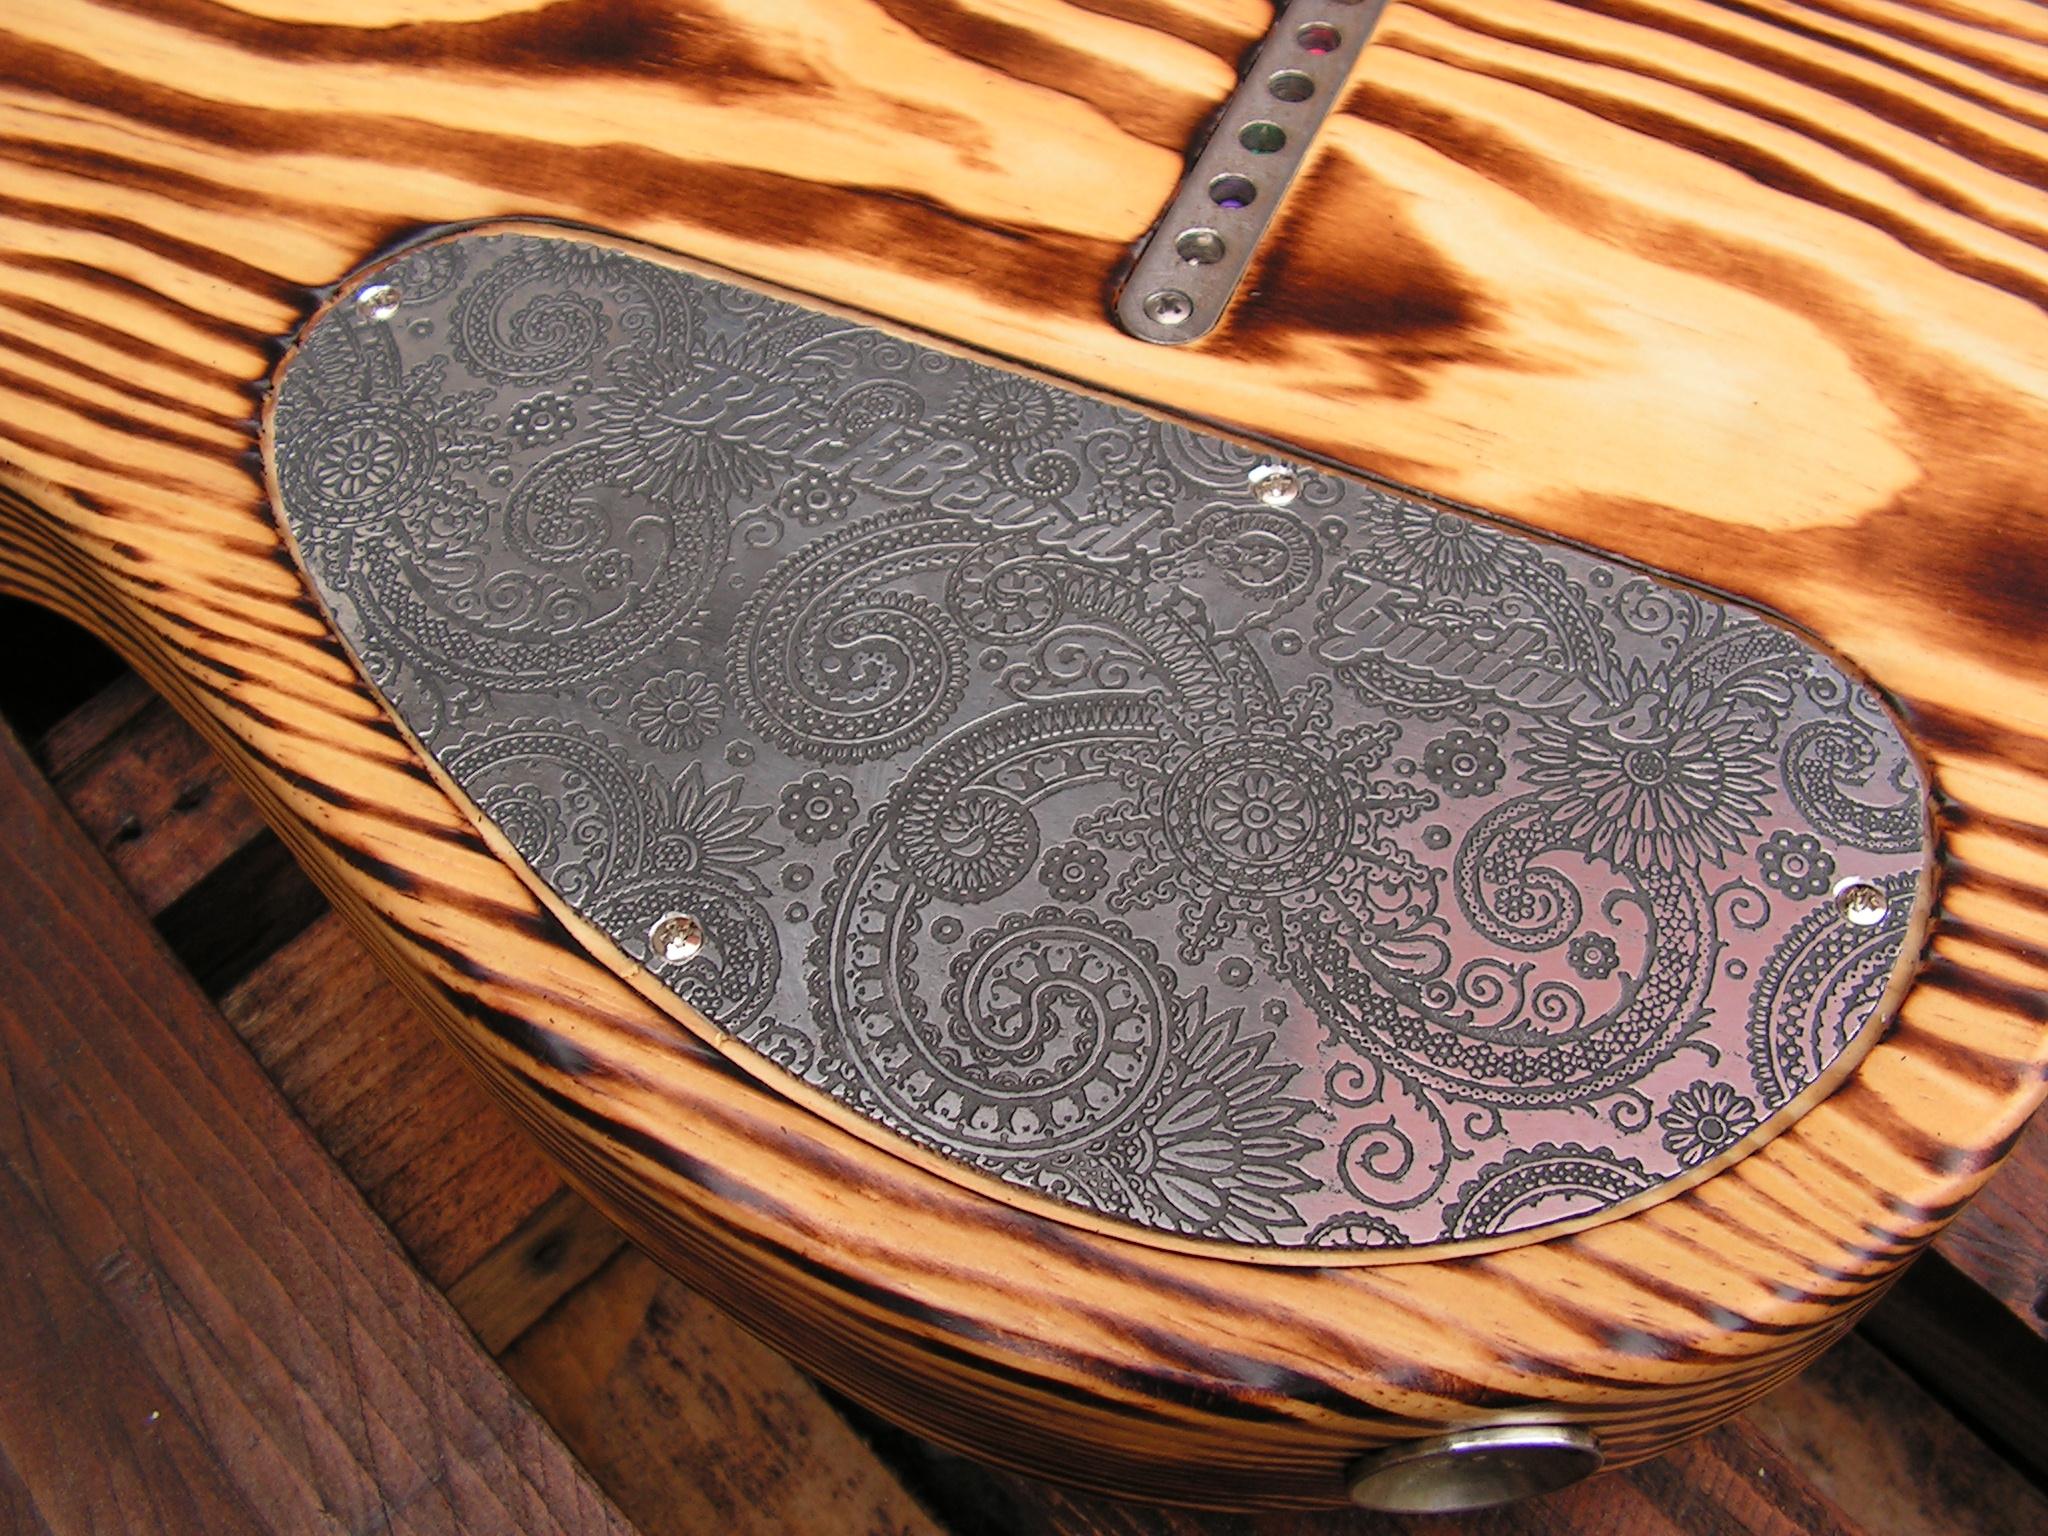 Coperchio inciso sul retro del body di una chitarra Telecaster in pino roasted